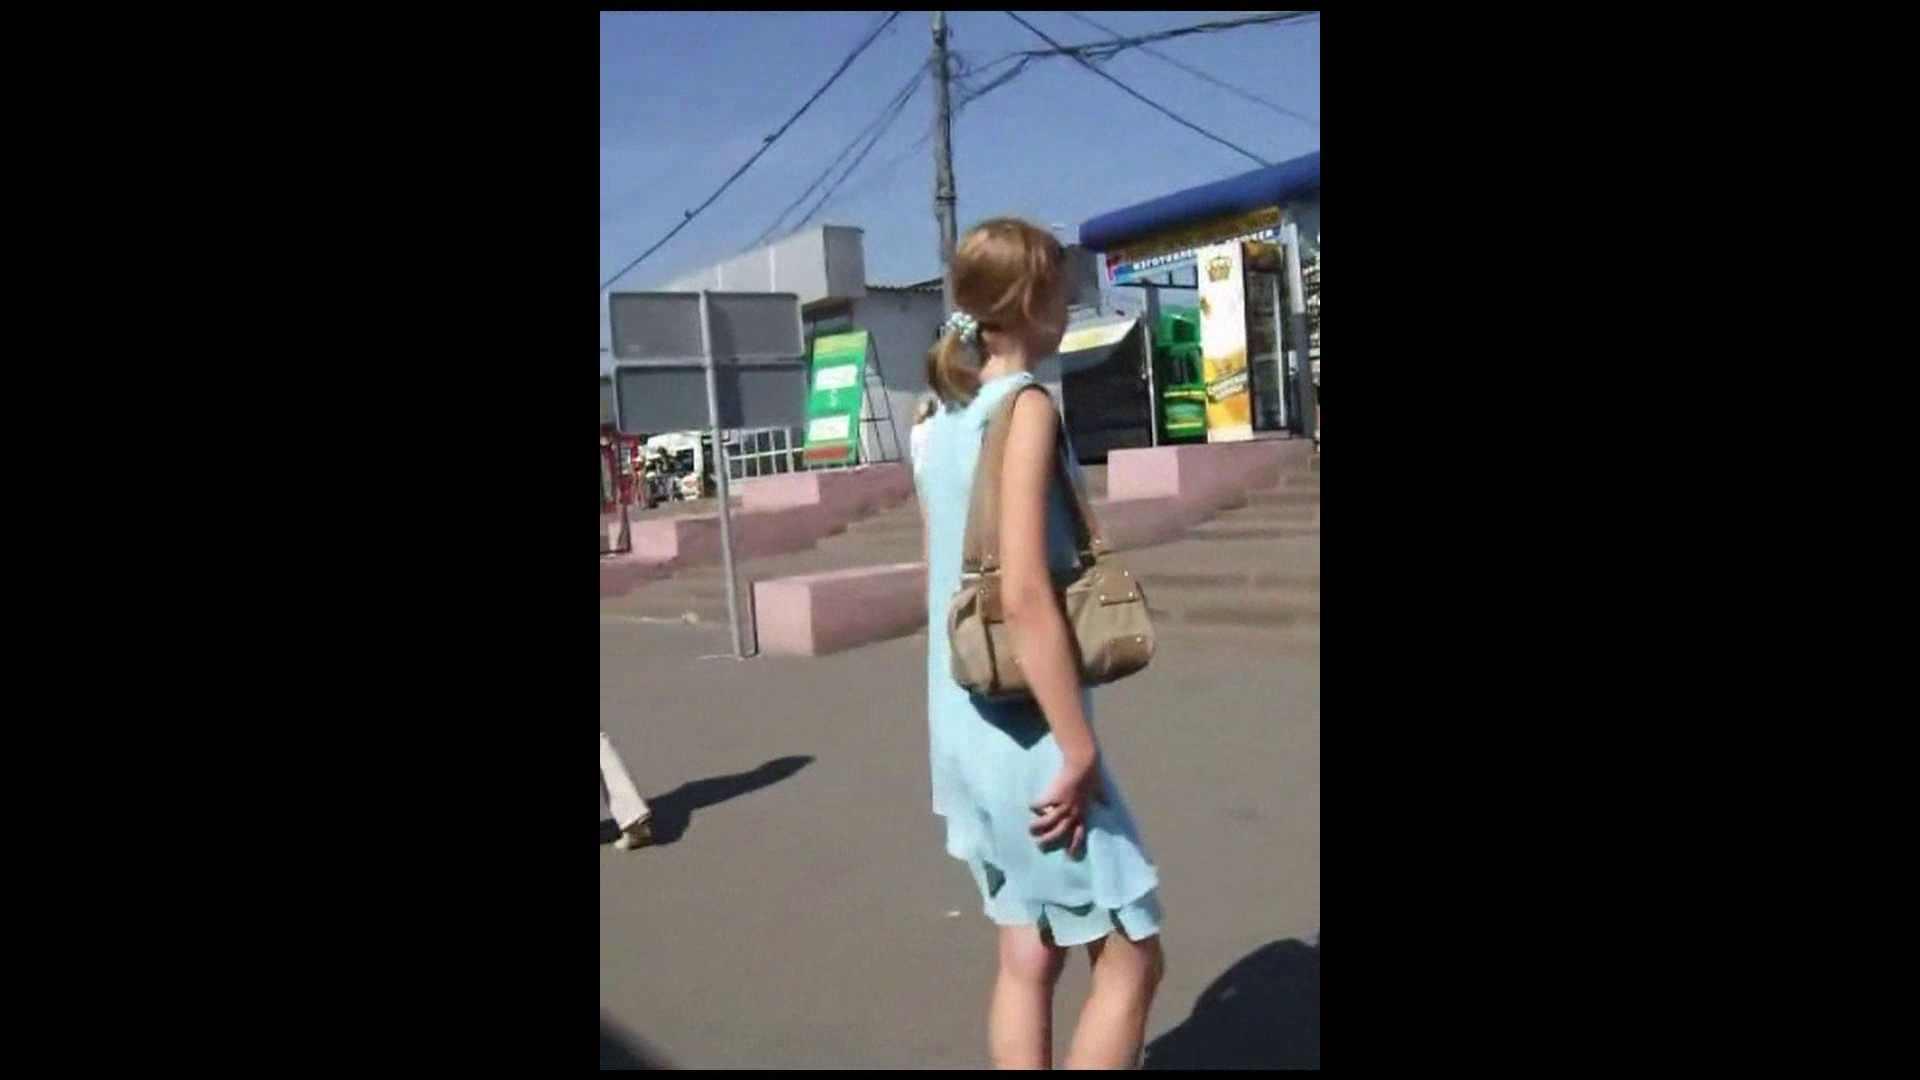 綺麗なモデルさんのスカート捲っちゃおう‼vol03 HなOL われめAV動画紹介 98pic 50